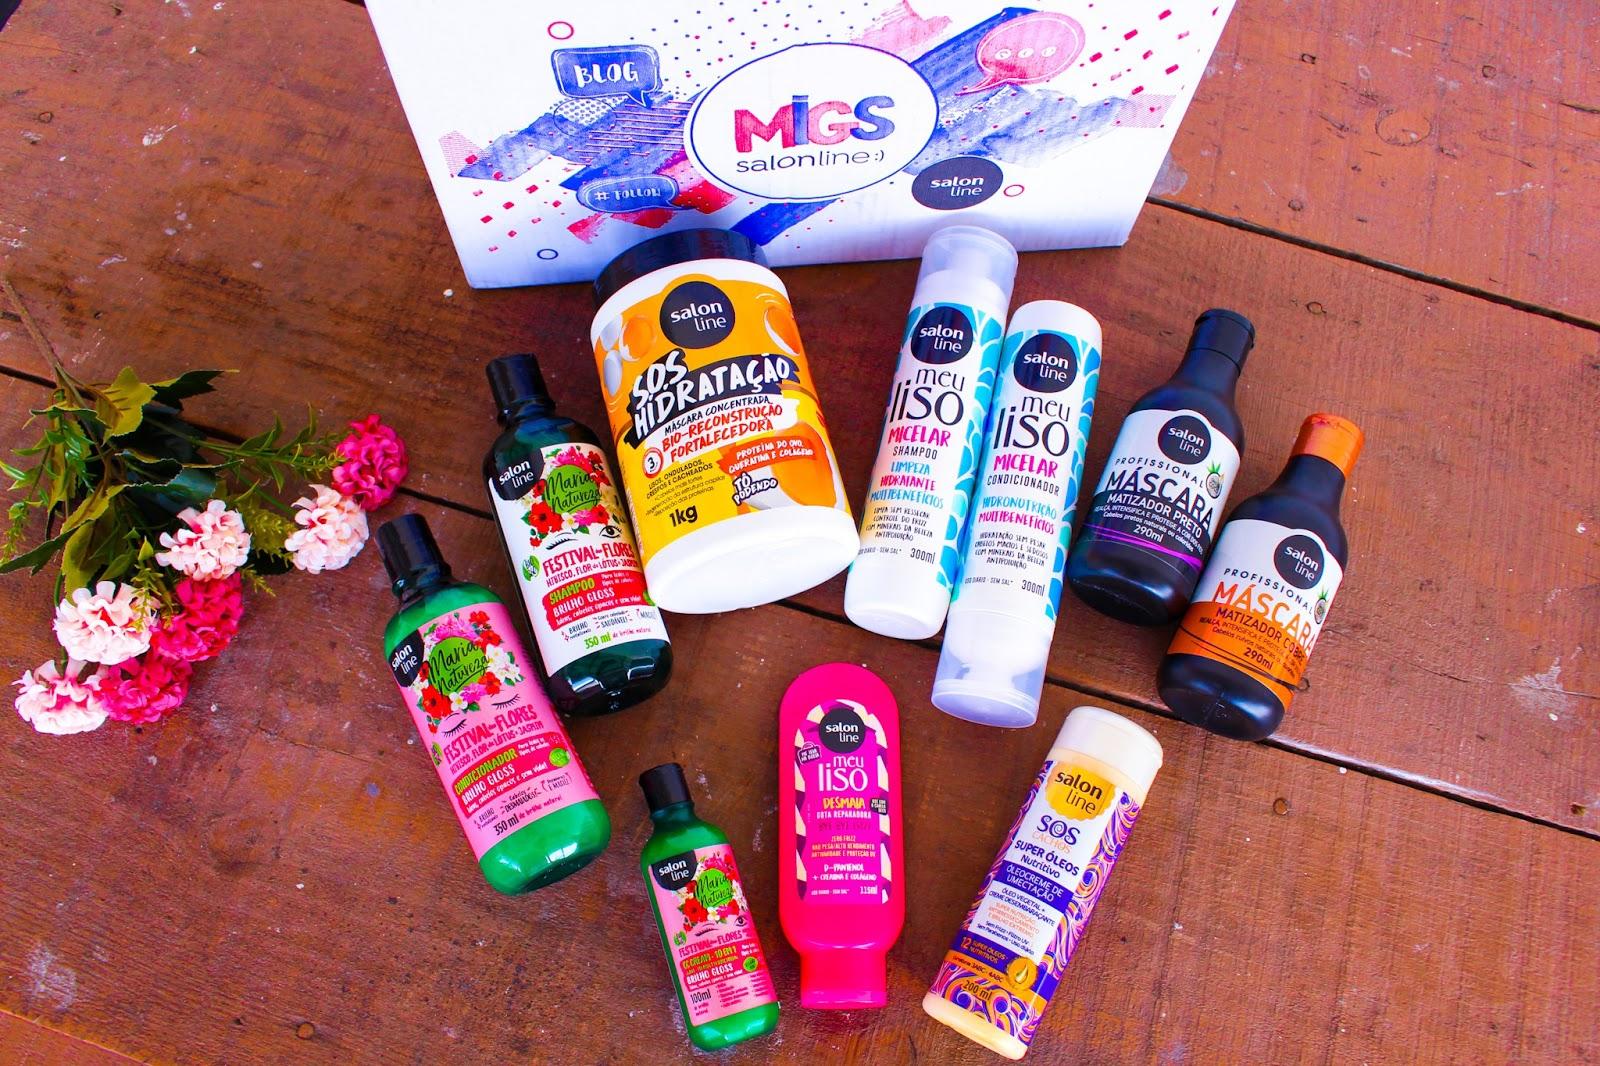 Recebidos do mês de Março da Salon Line #Migs